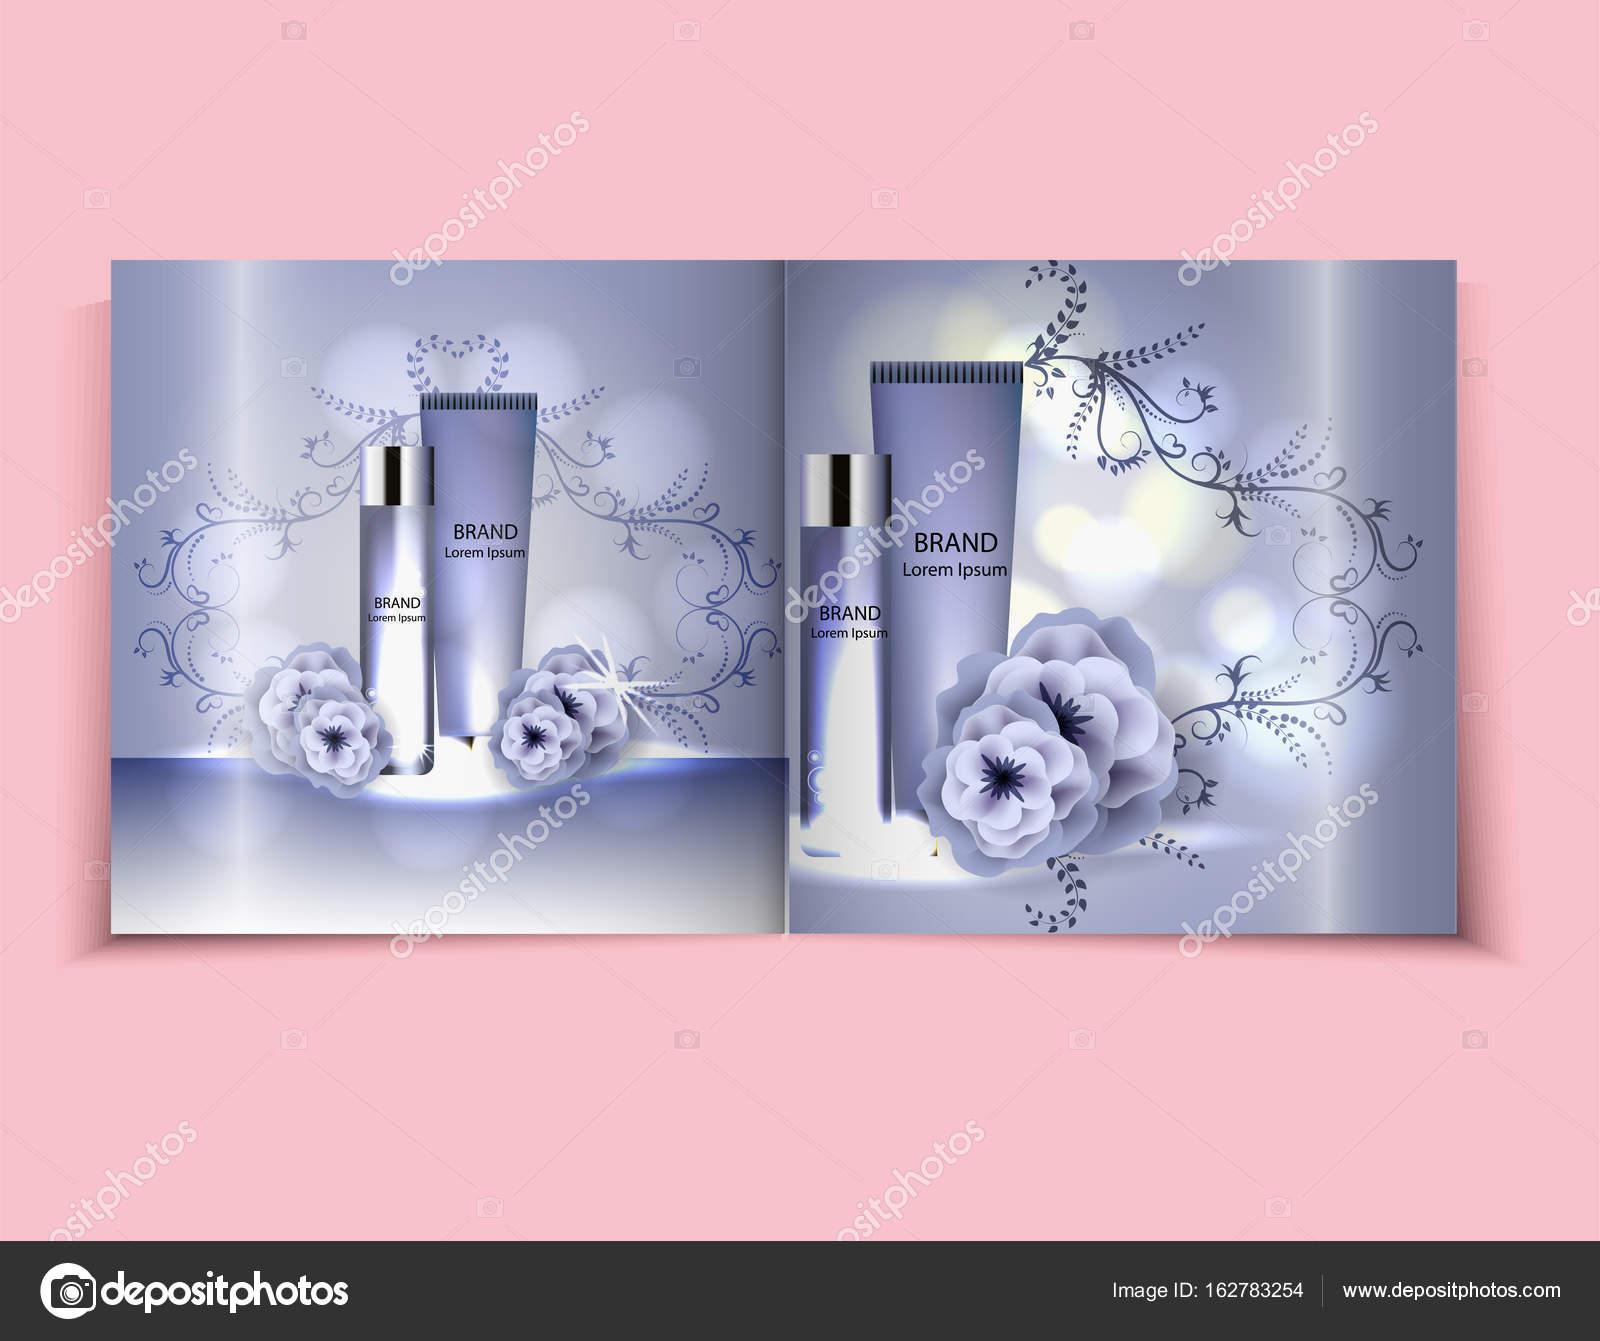 Hidratante crema facial paquete cosméticos diseño, anuncios ...